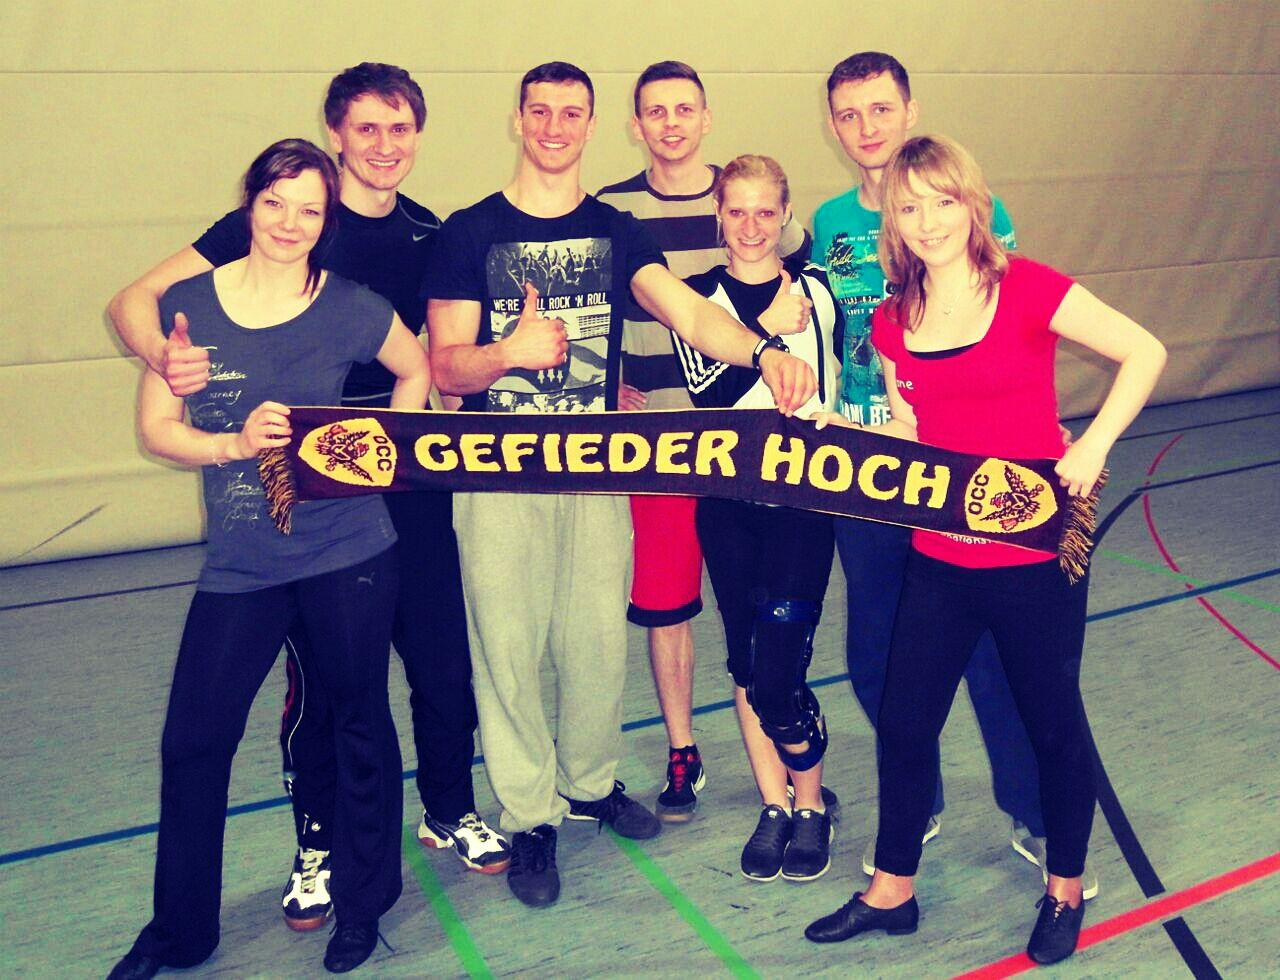 Hofer Tanztage 2015 mit den 4fachen deutschen Meistern, 32 km